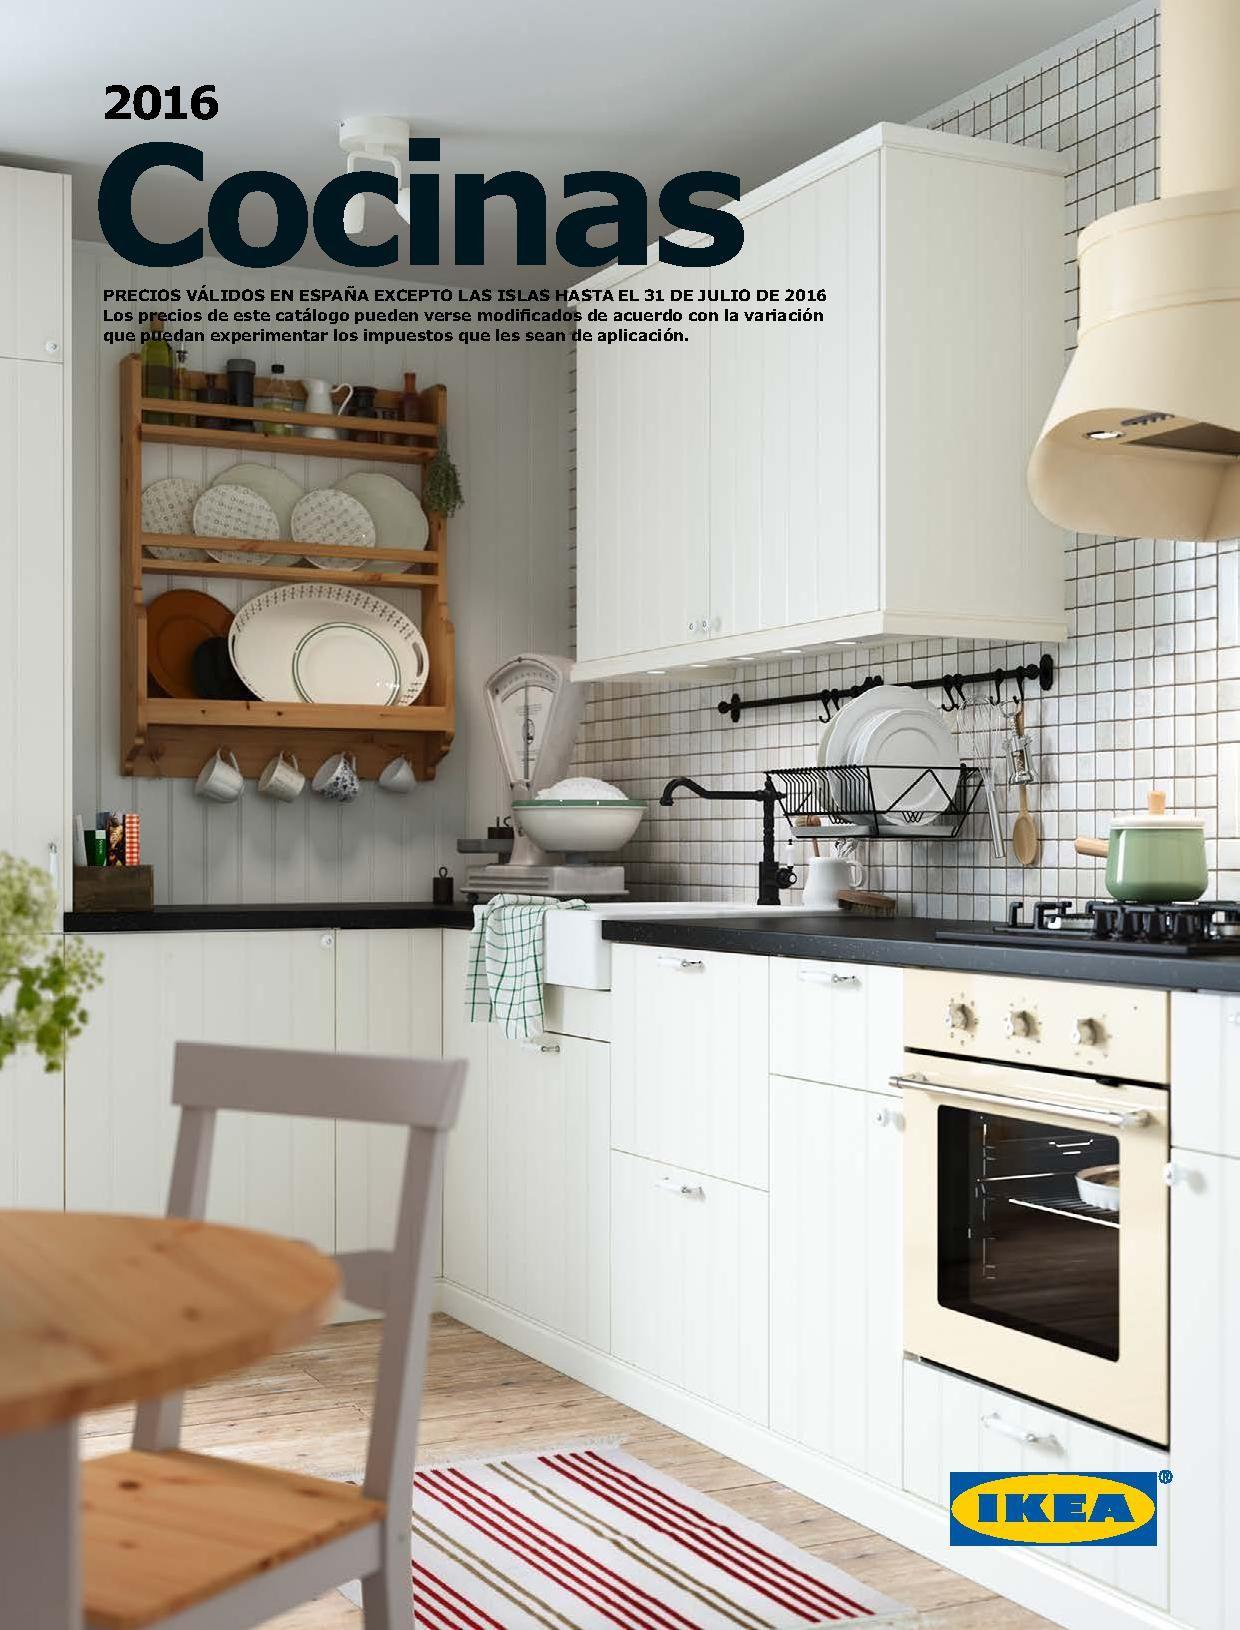 Catálogo cocinas Ikea: precios ofertas | Pinterest | Cocina ikea ...